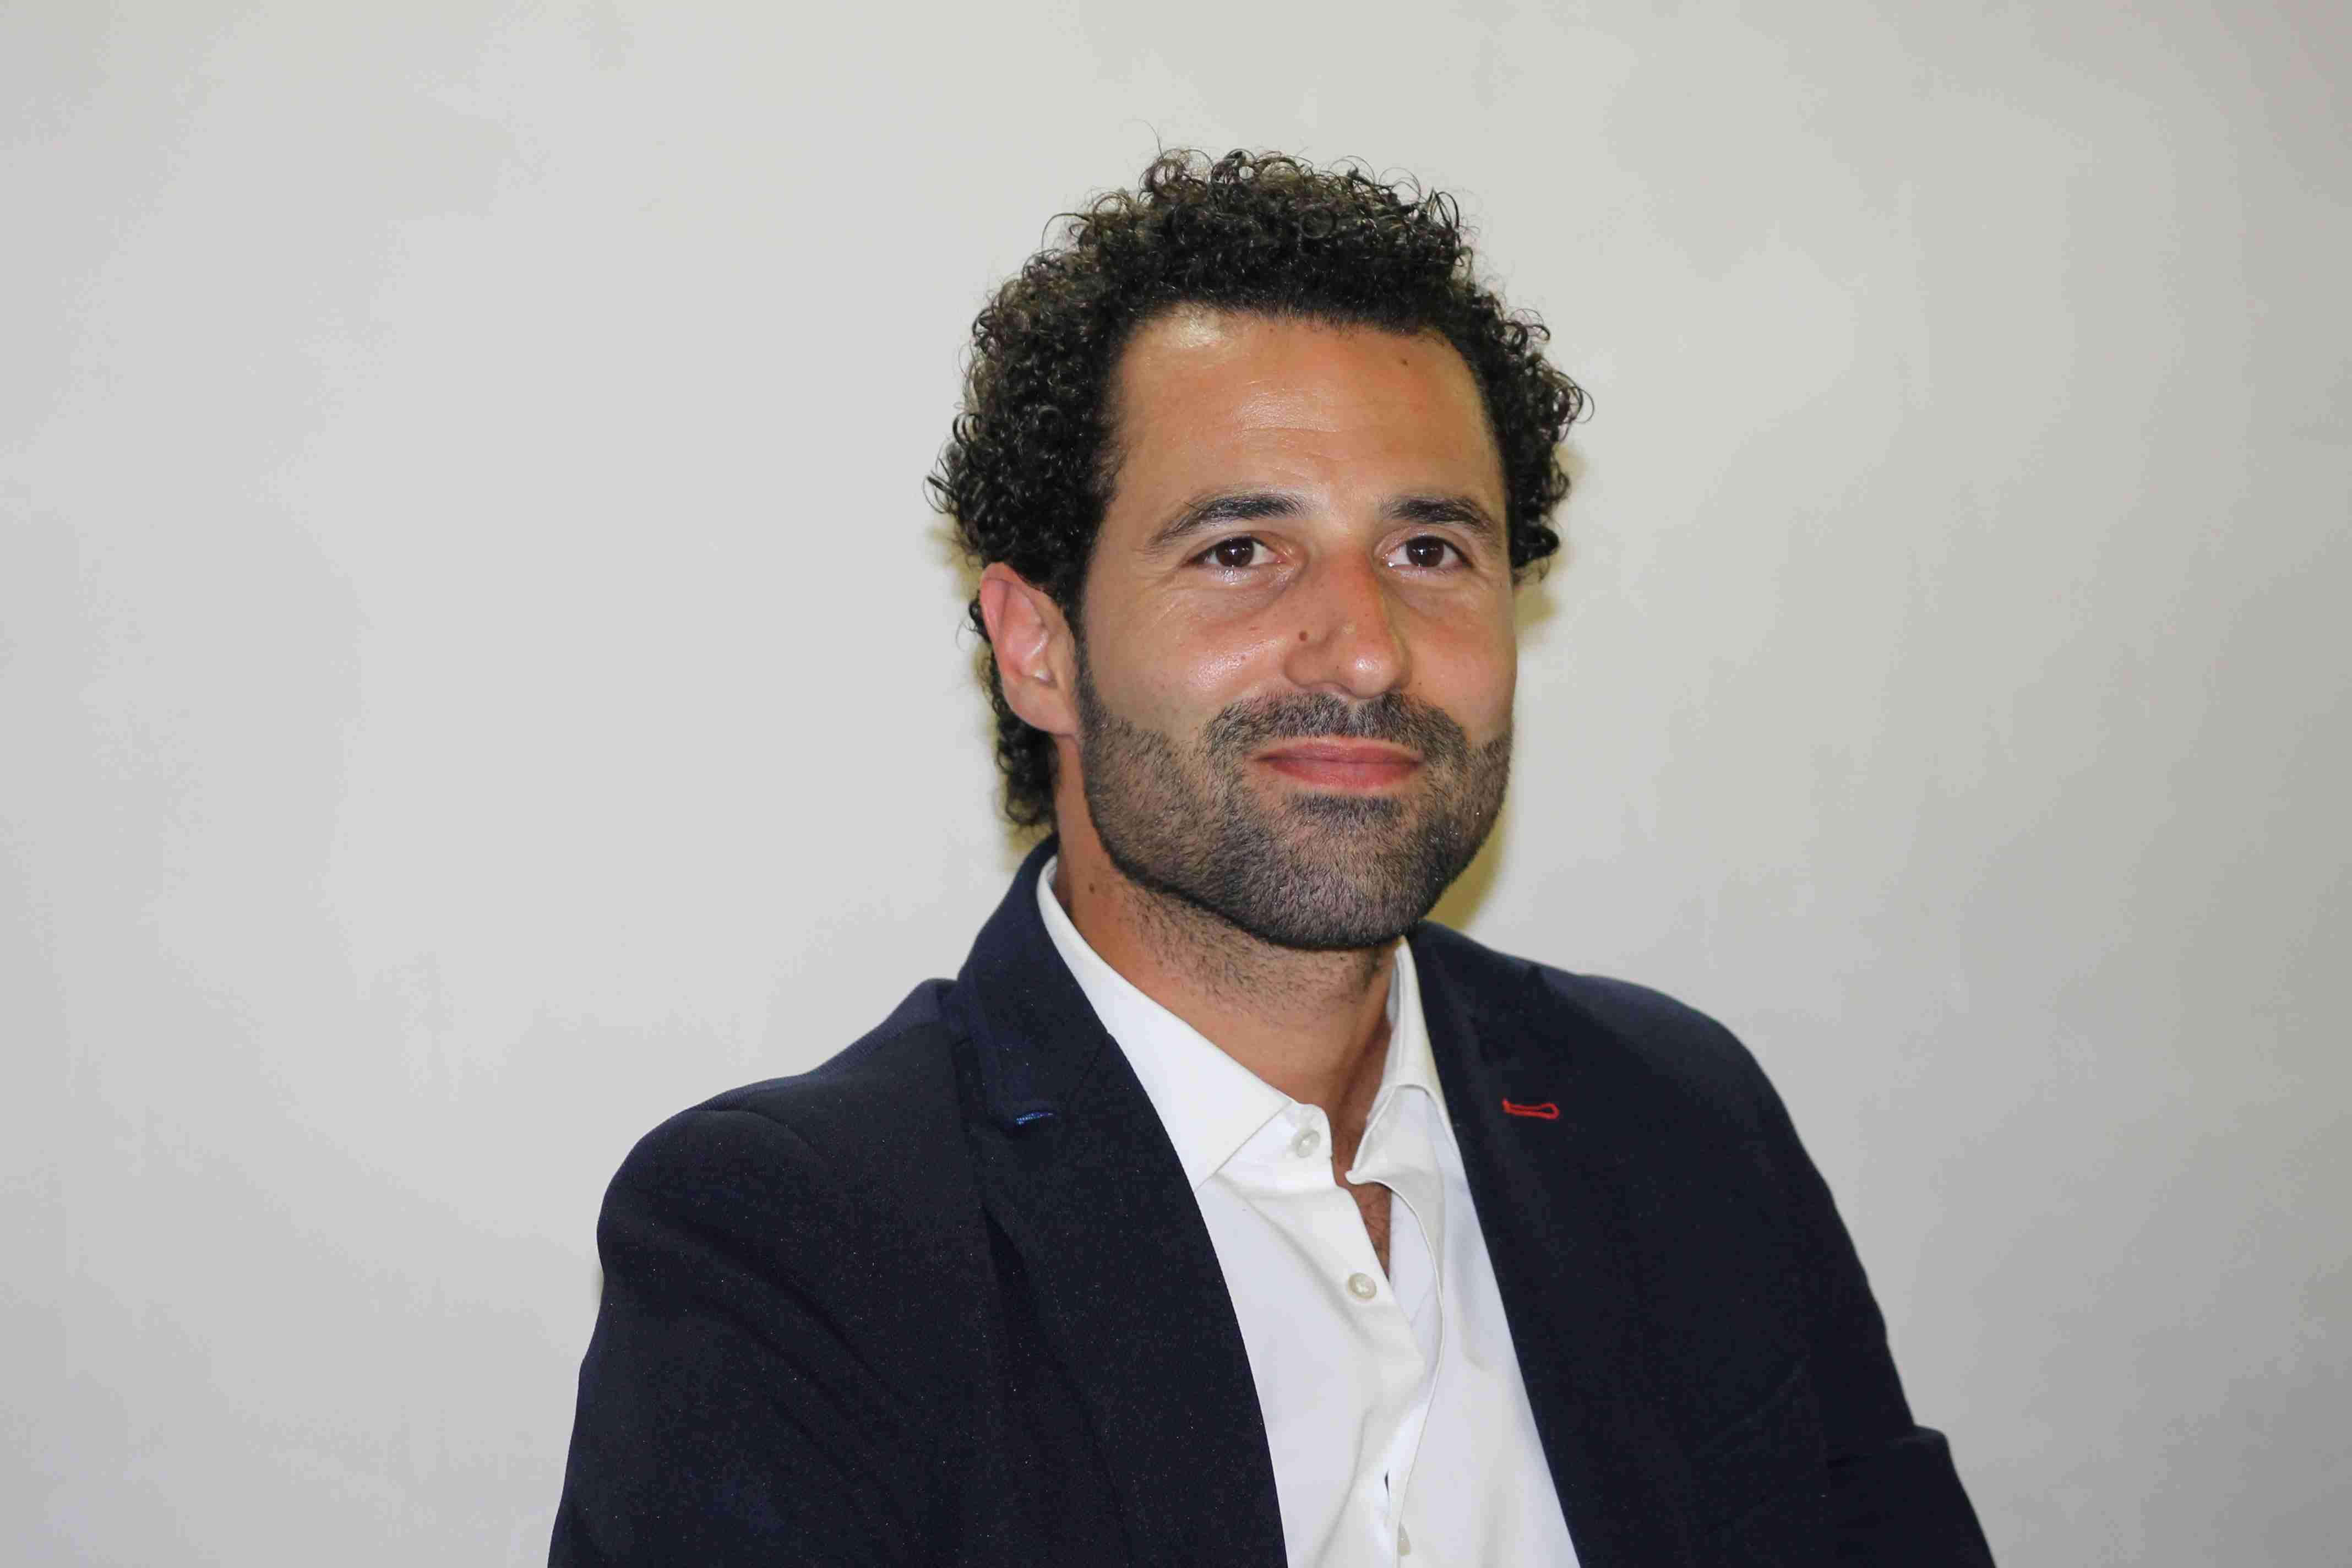 """La dura replica del consigliere Monaco a Spadola: """"Piuttosto che fare propaganda, diamo insieme un contributo"""""""